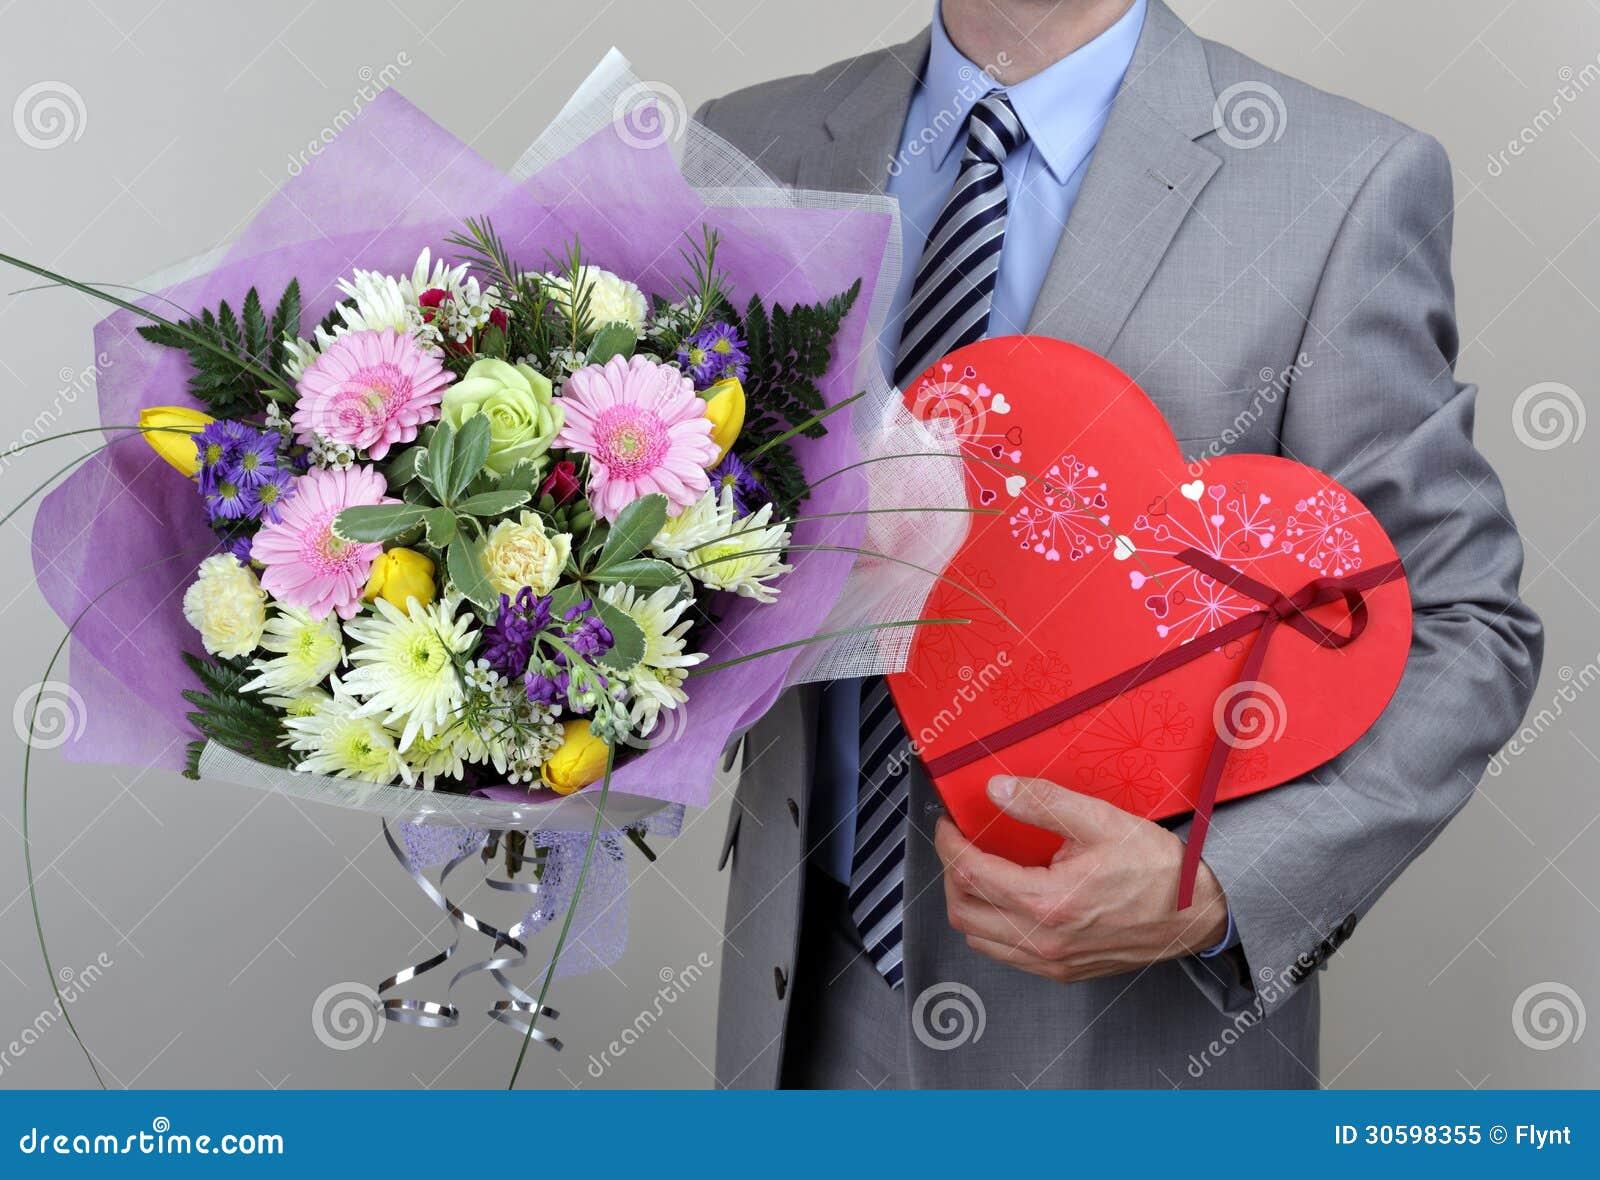 Bouquet Des Fleurs Et De La Boite De Chocolats Image Stock Image